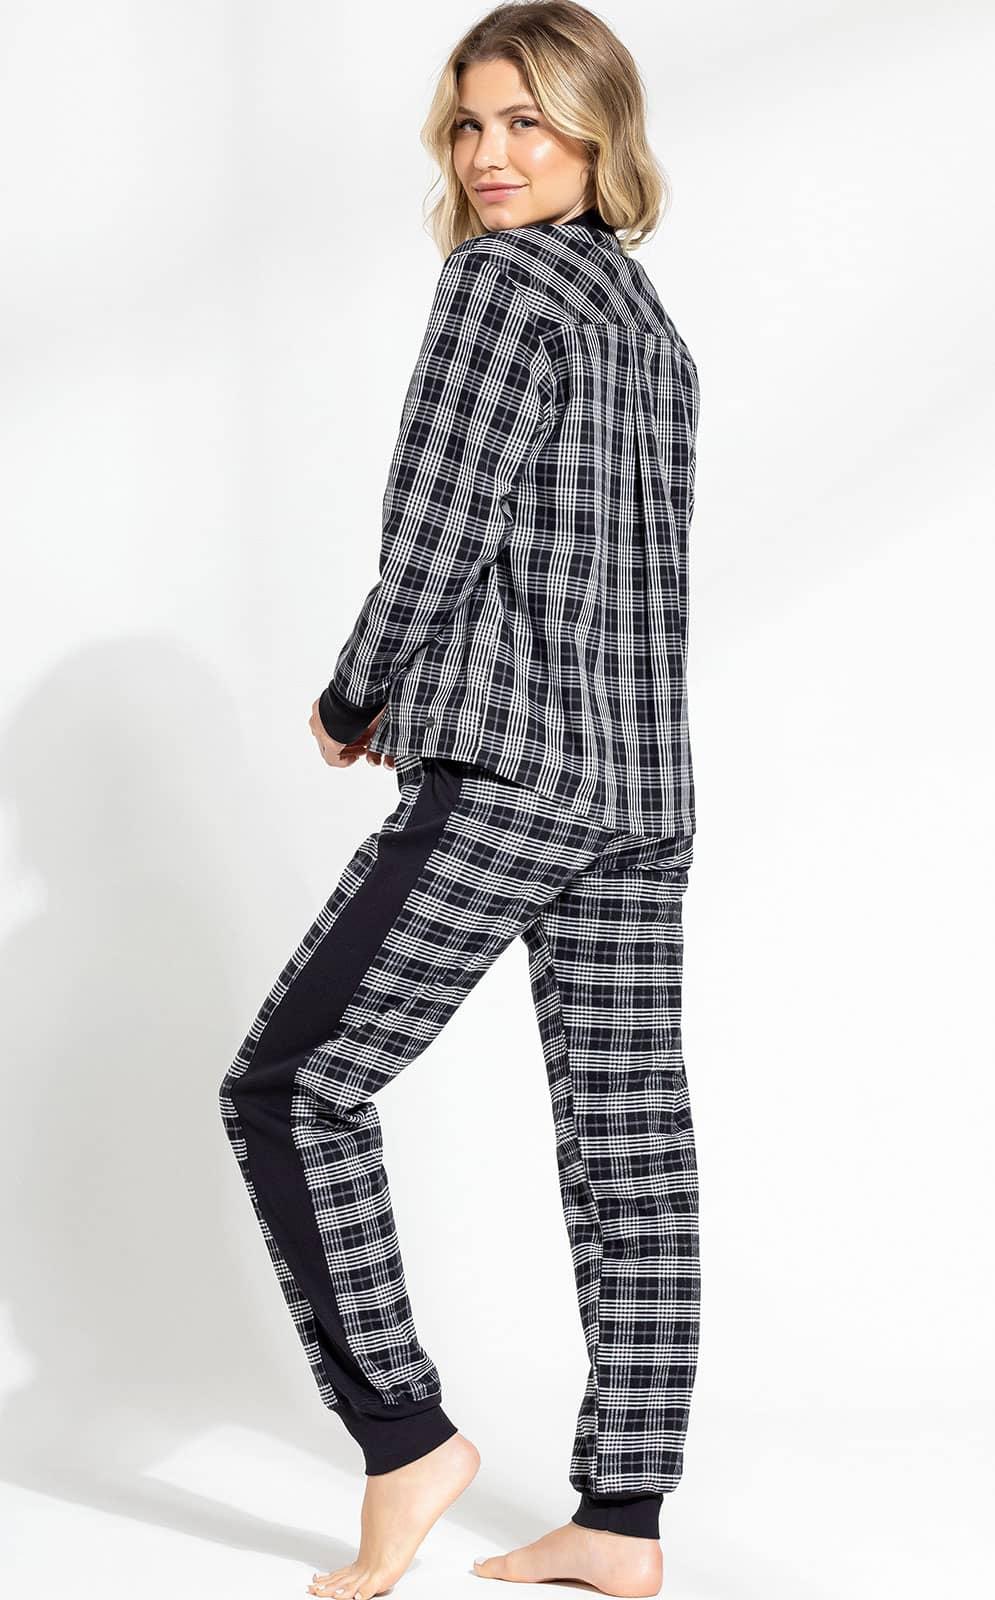 Pijama Feminino Adulto Mixte Blusa com Calça todo em Flanela com cetim Xadrez Linha Premium 9616